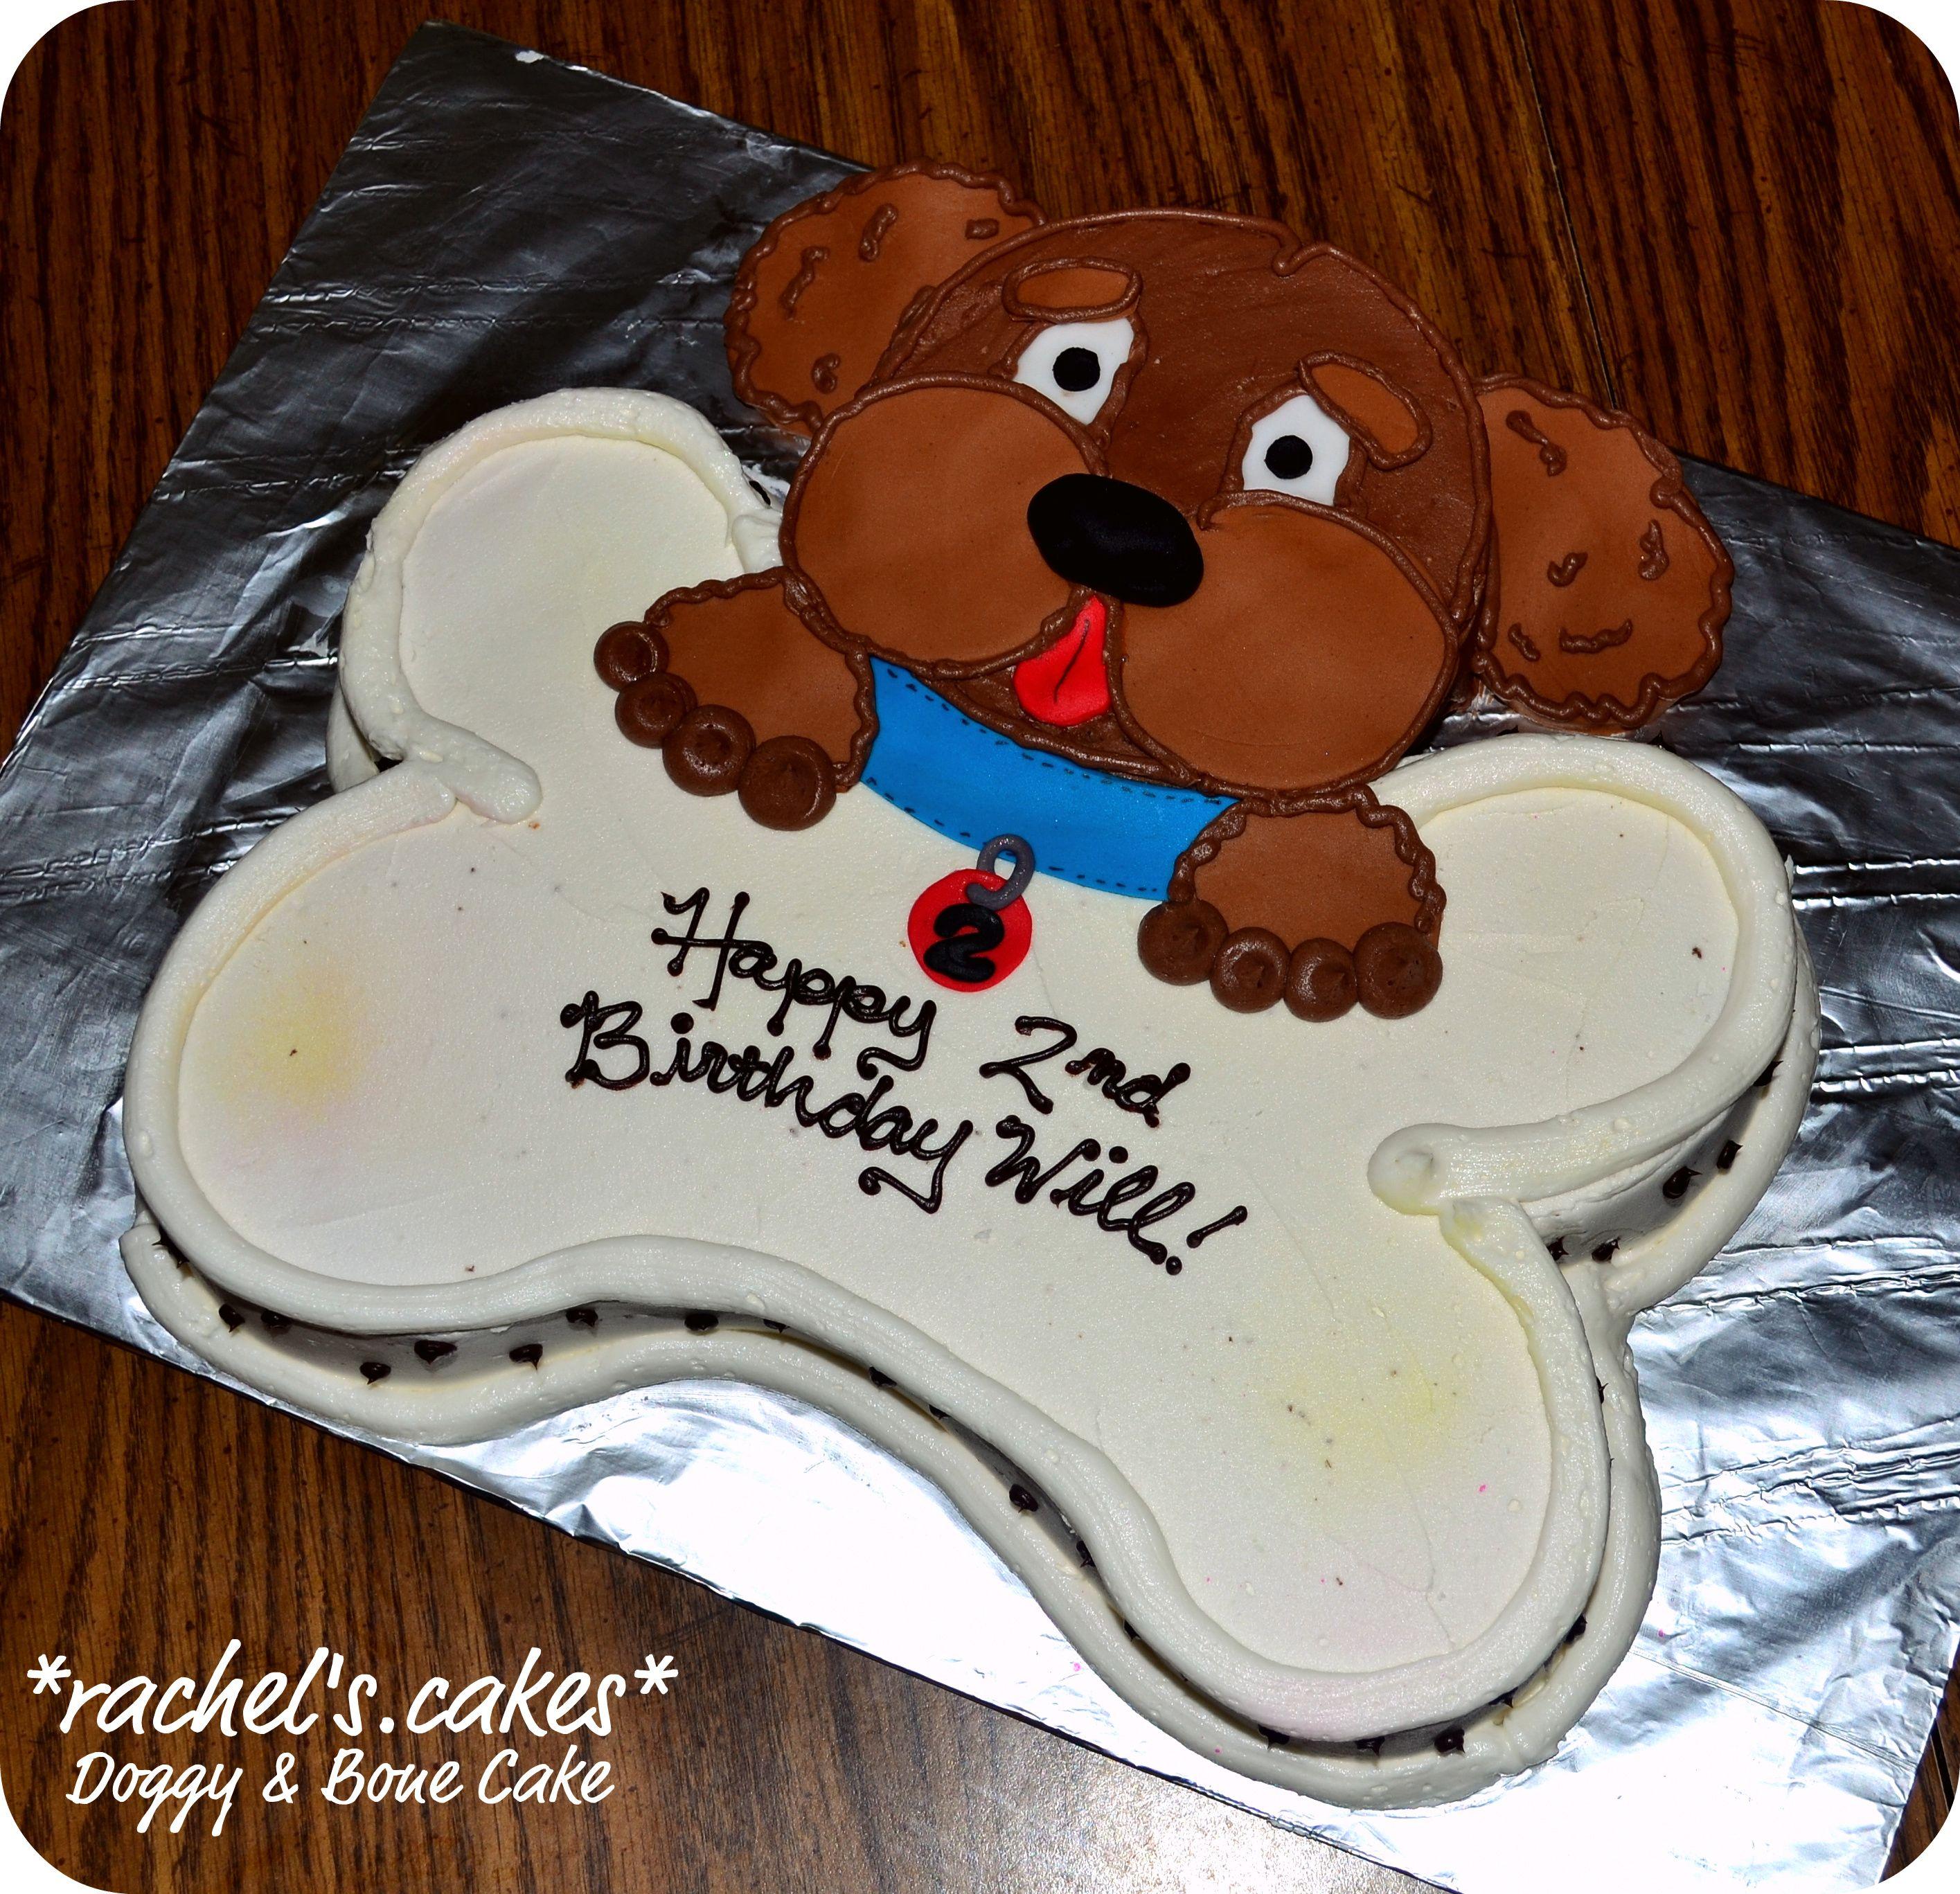 Dog and bone cake birthday party ideas pinterest cake sweet